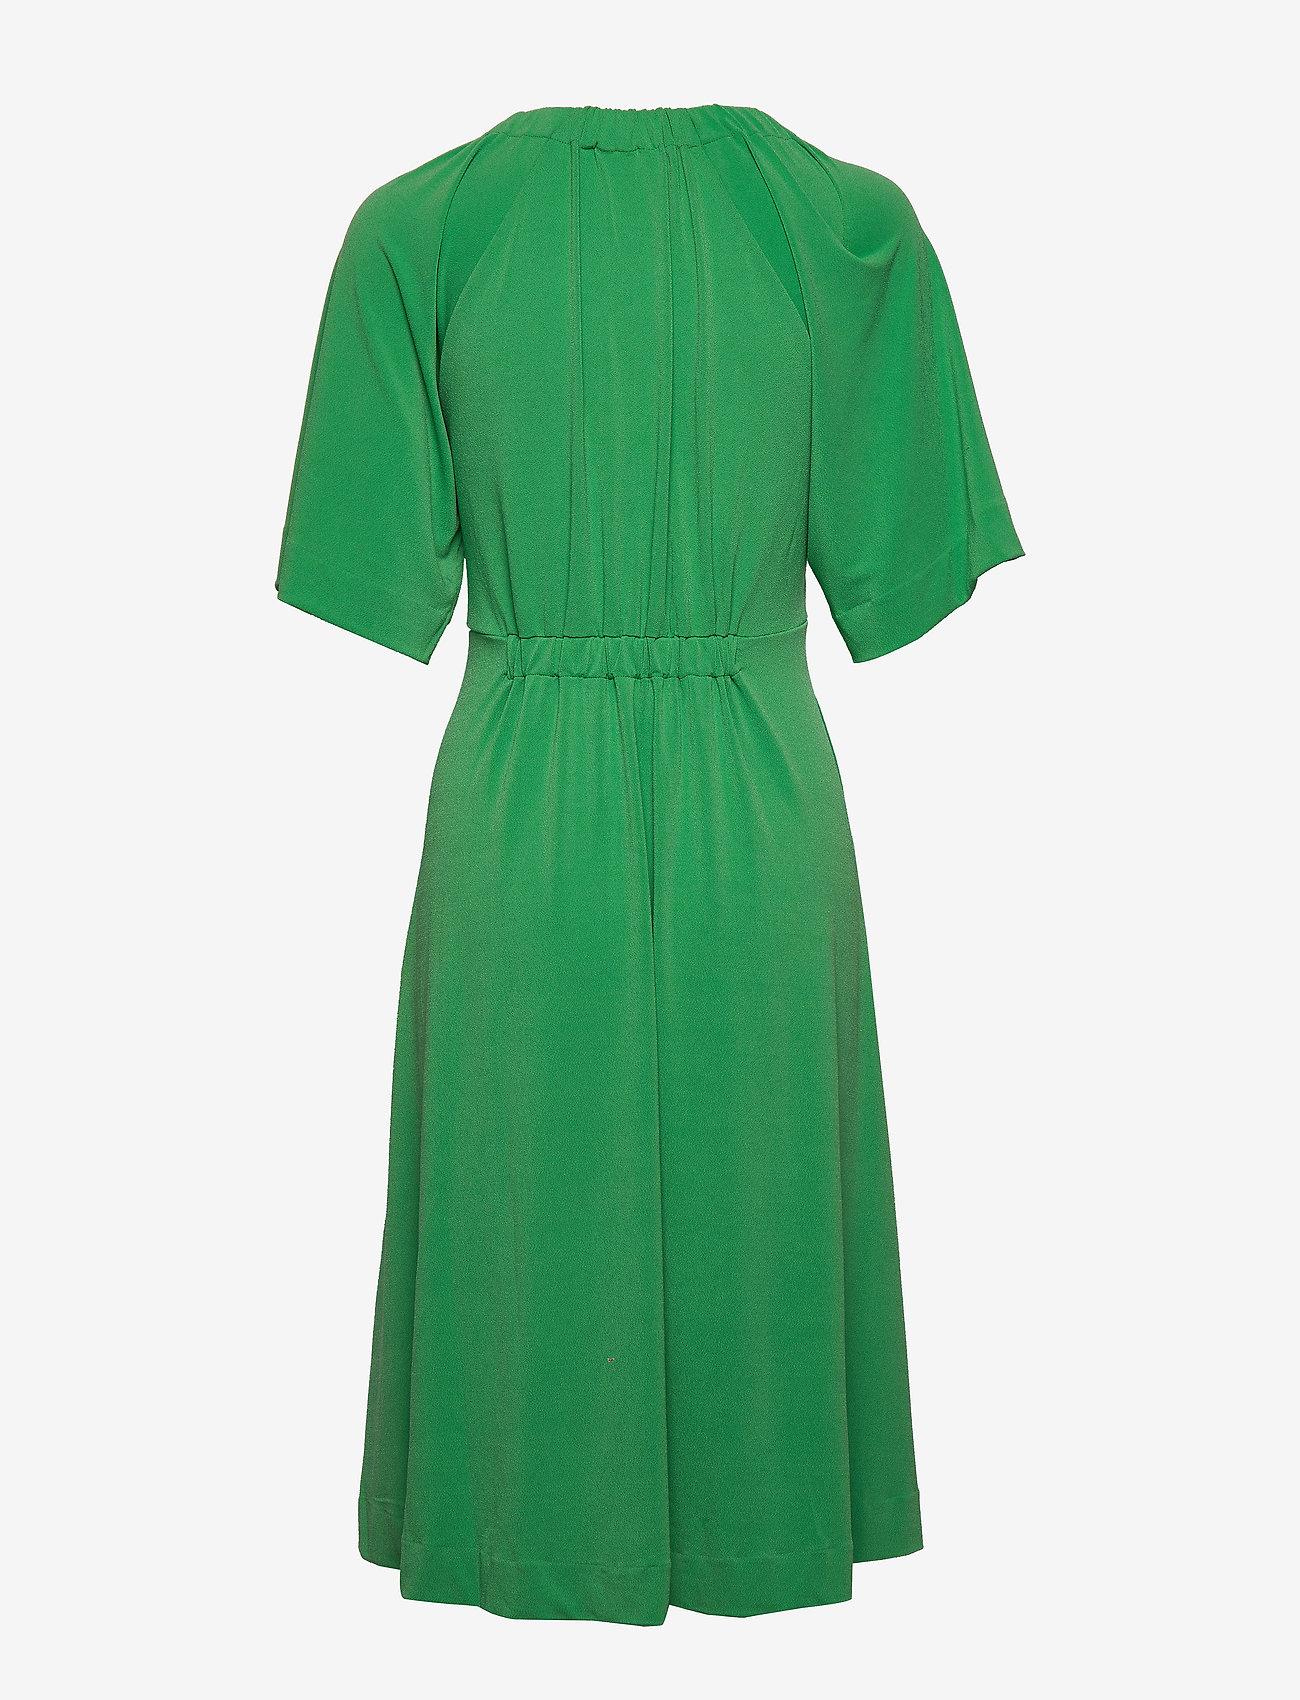 InWear AbelIW Dress - Kjoler SPRING GREEN - Dameklær Spesialtilbud